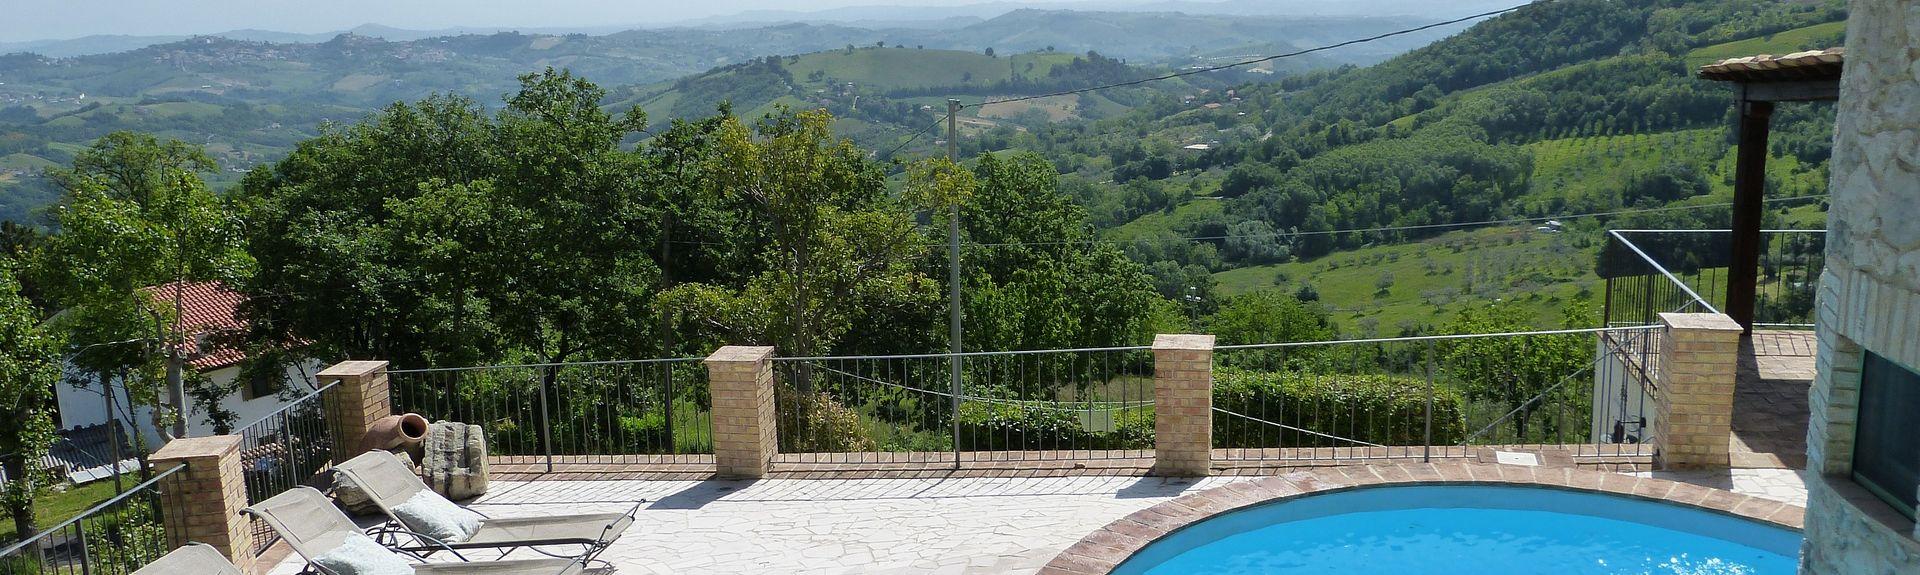 Cugnoli, Pescara, Abruzzo, Italy